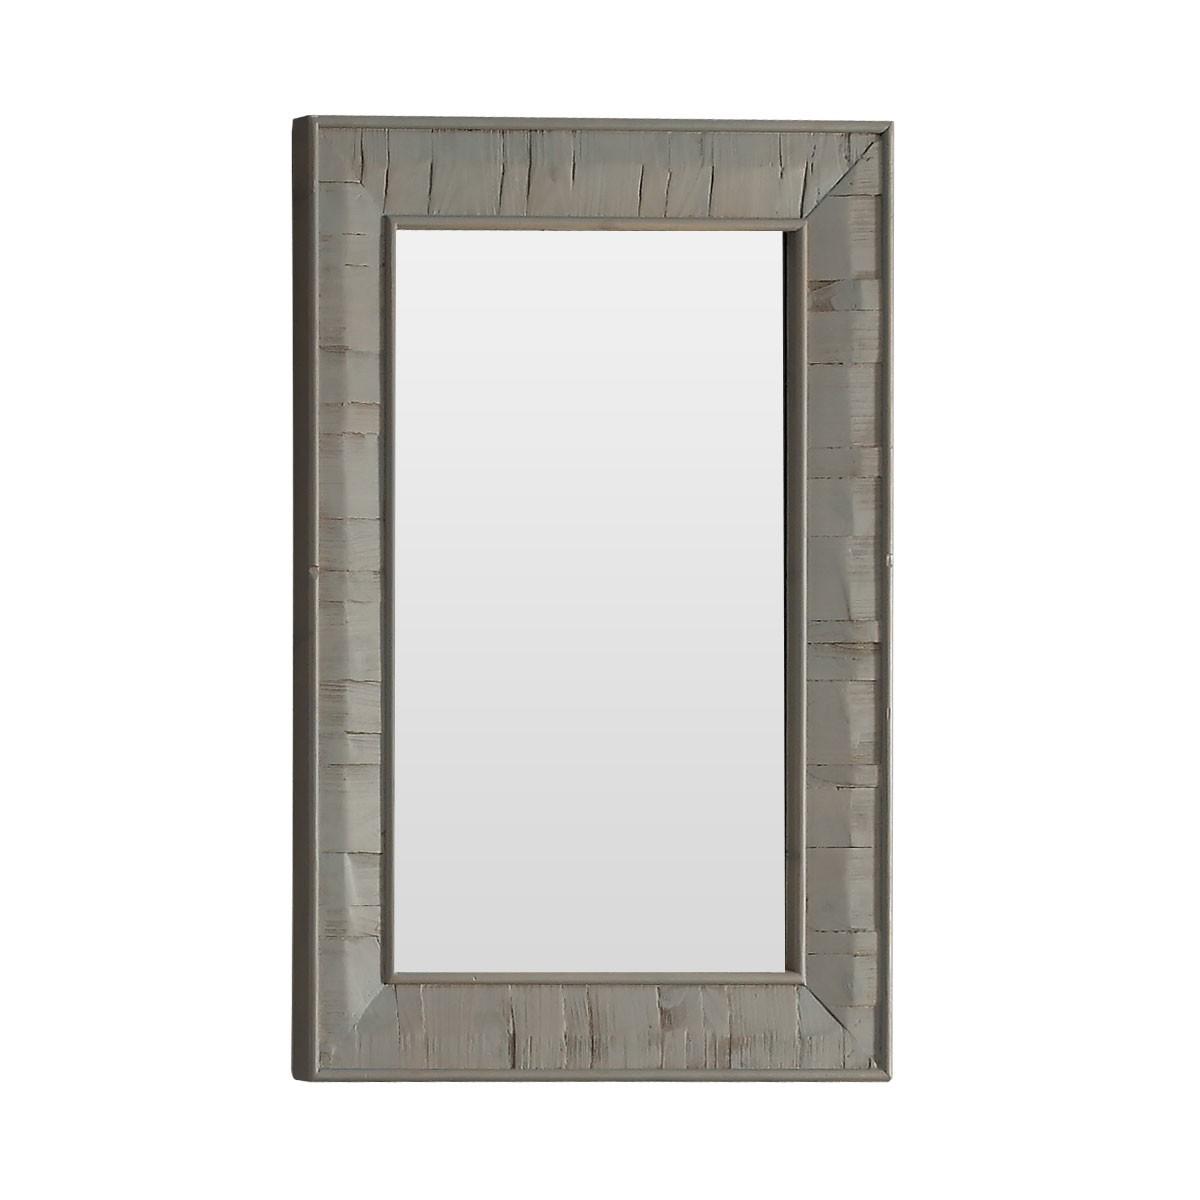 26 x 36 po Miroir pour Vanité avec Cadre en Bois de Sapin (DK-WK9226-GY)